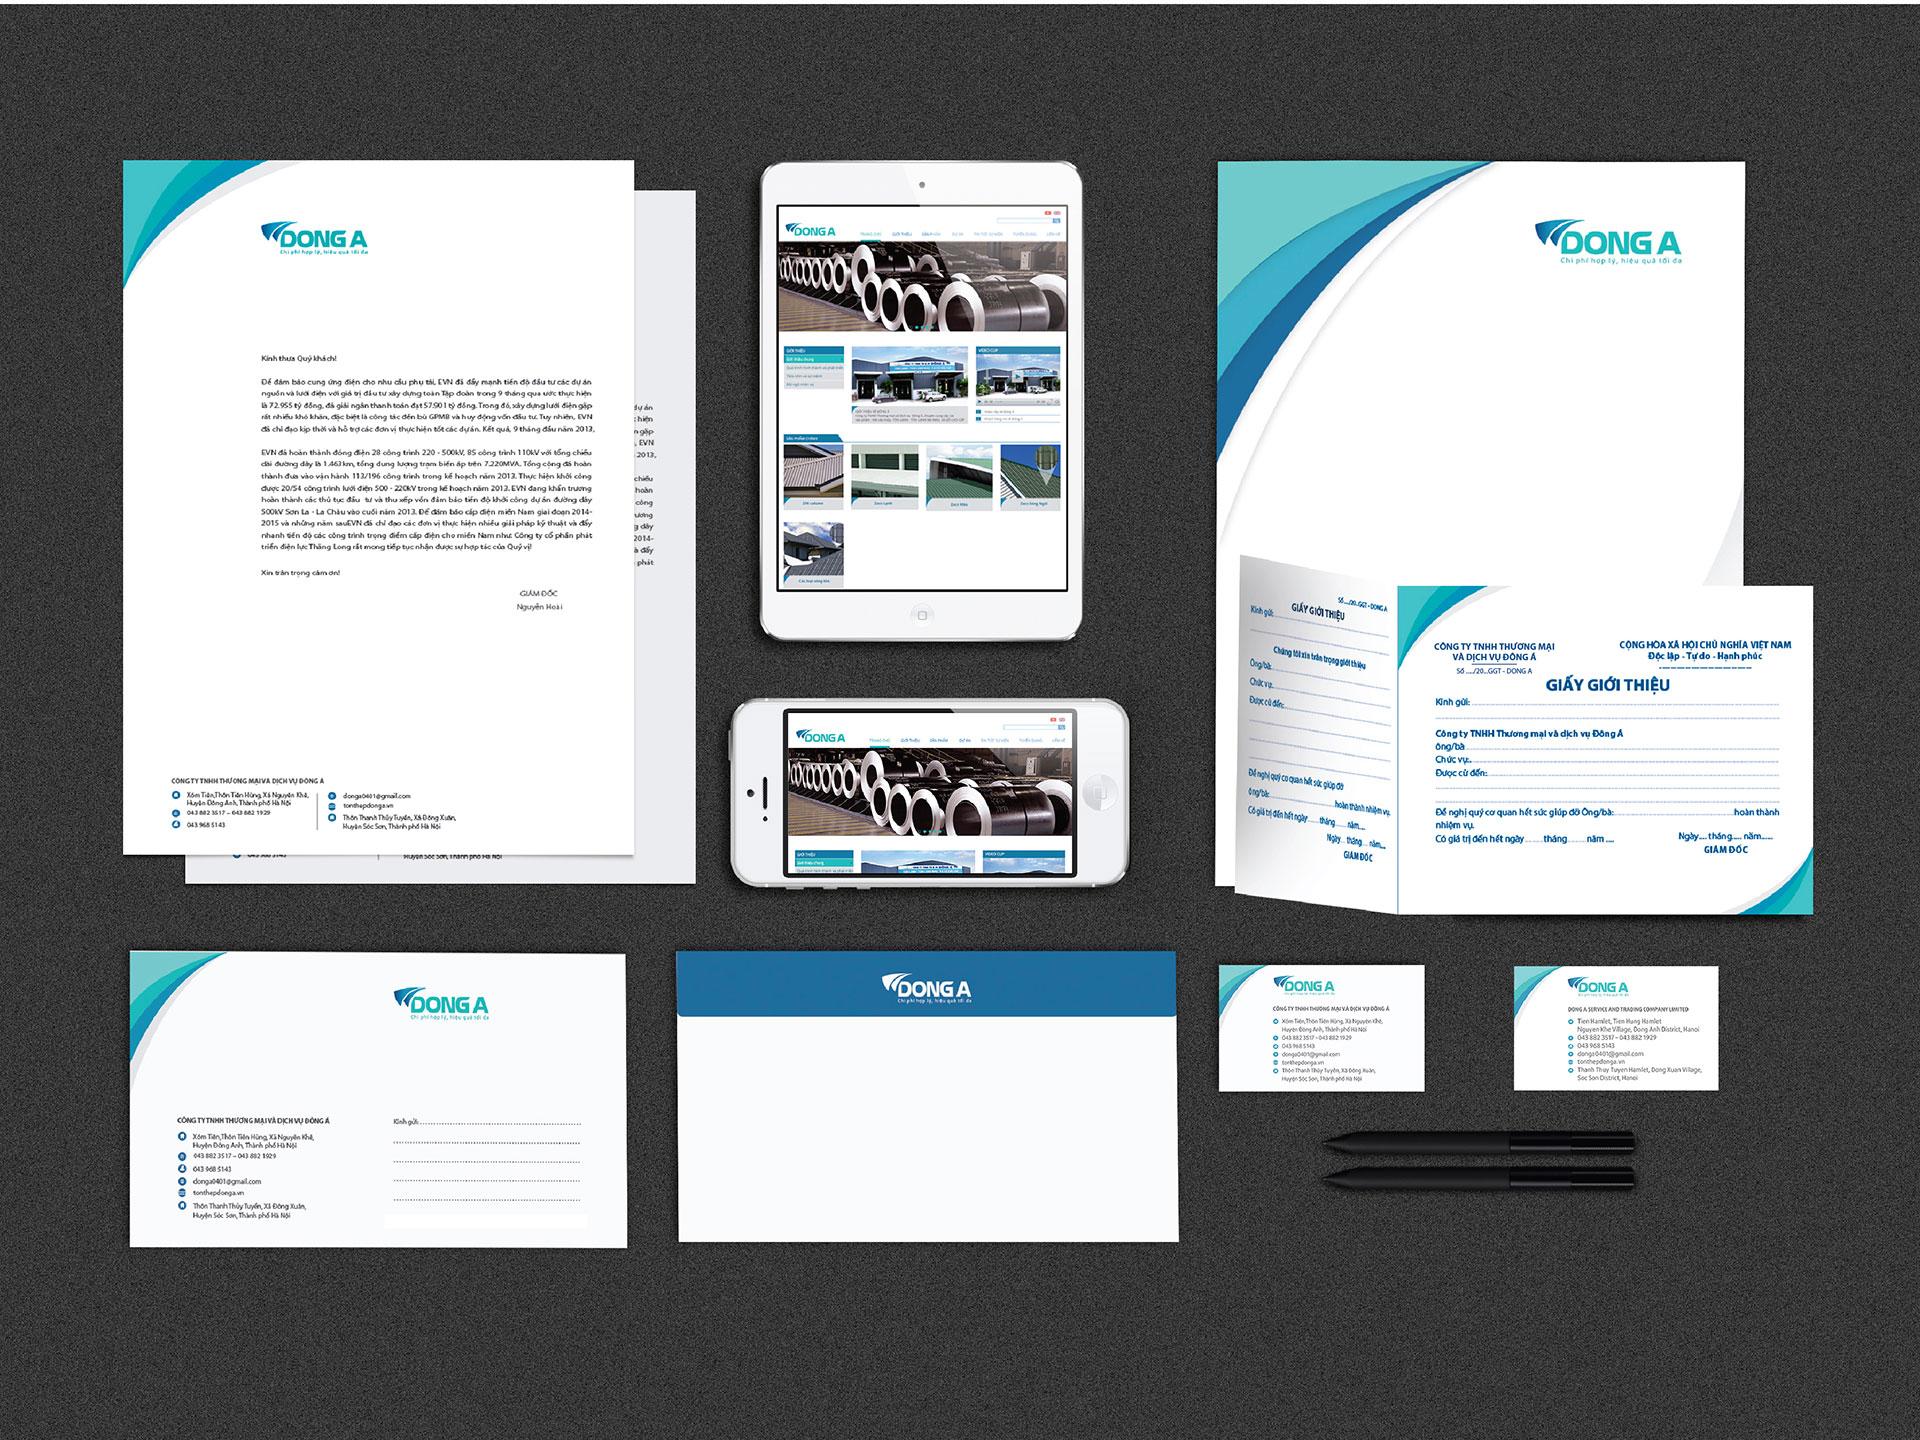 Thiết kế Logo, Bộ nhận diện, Profile và Website Công ty tôn thép Đông Á tại Hà Nội